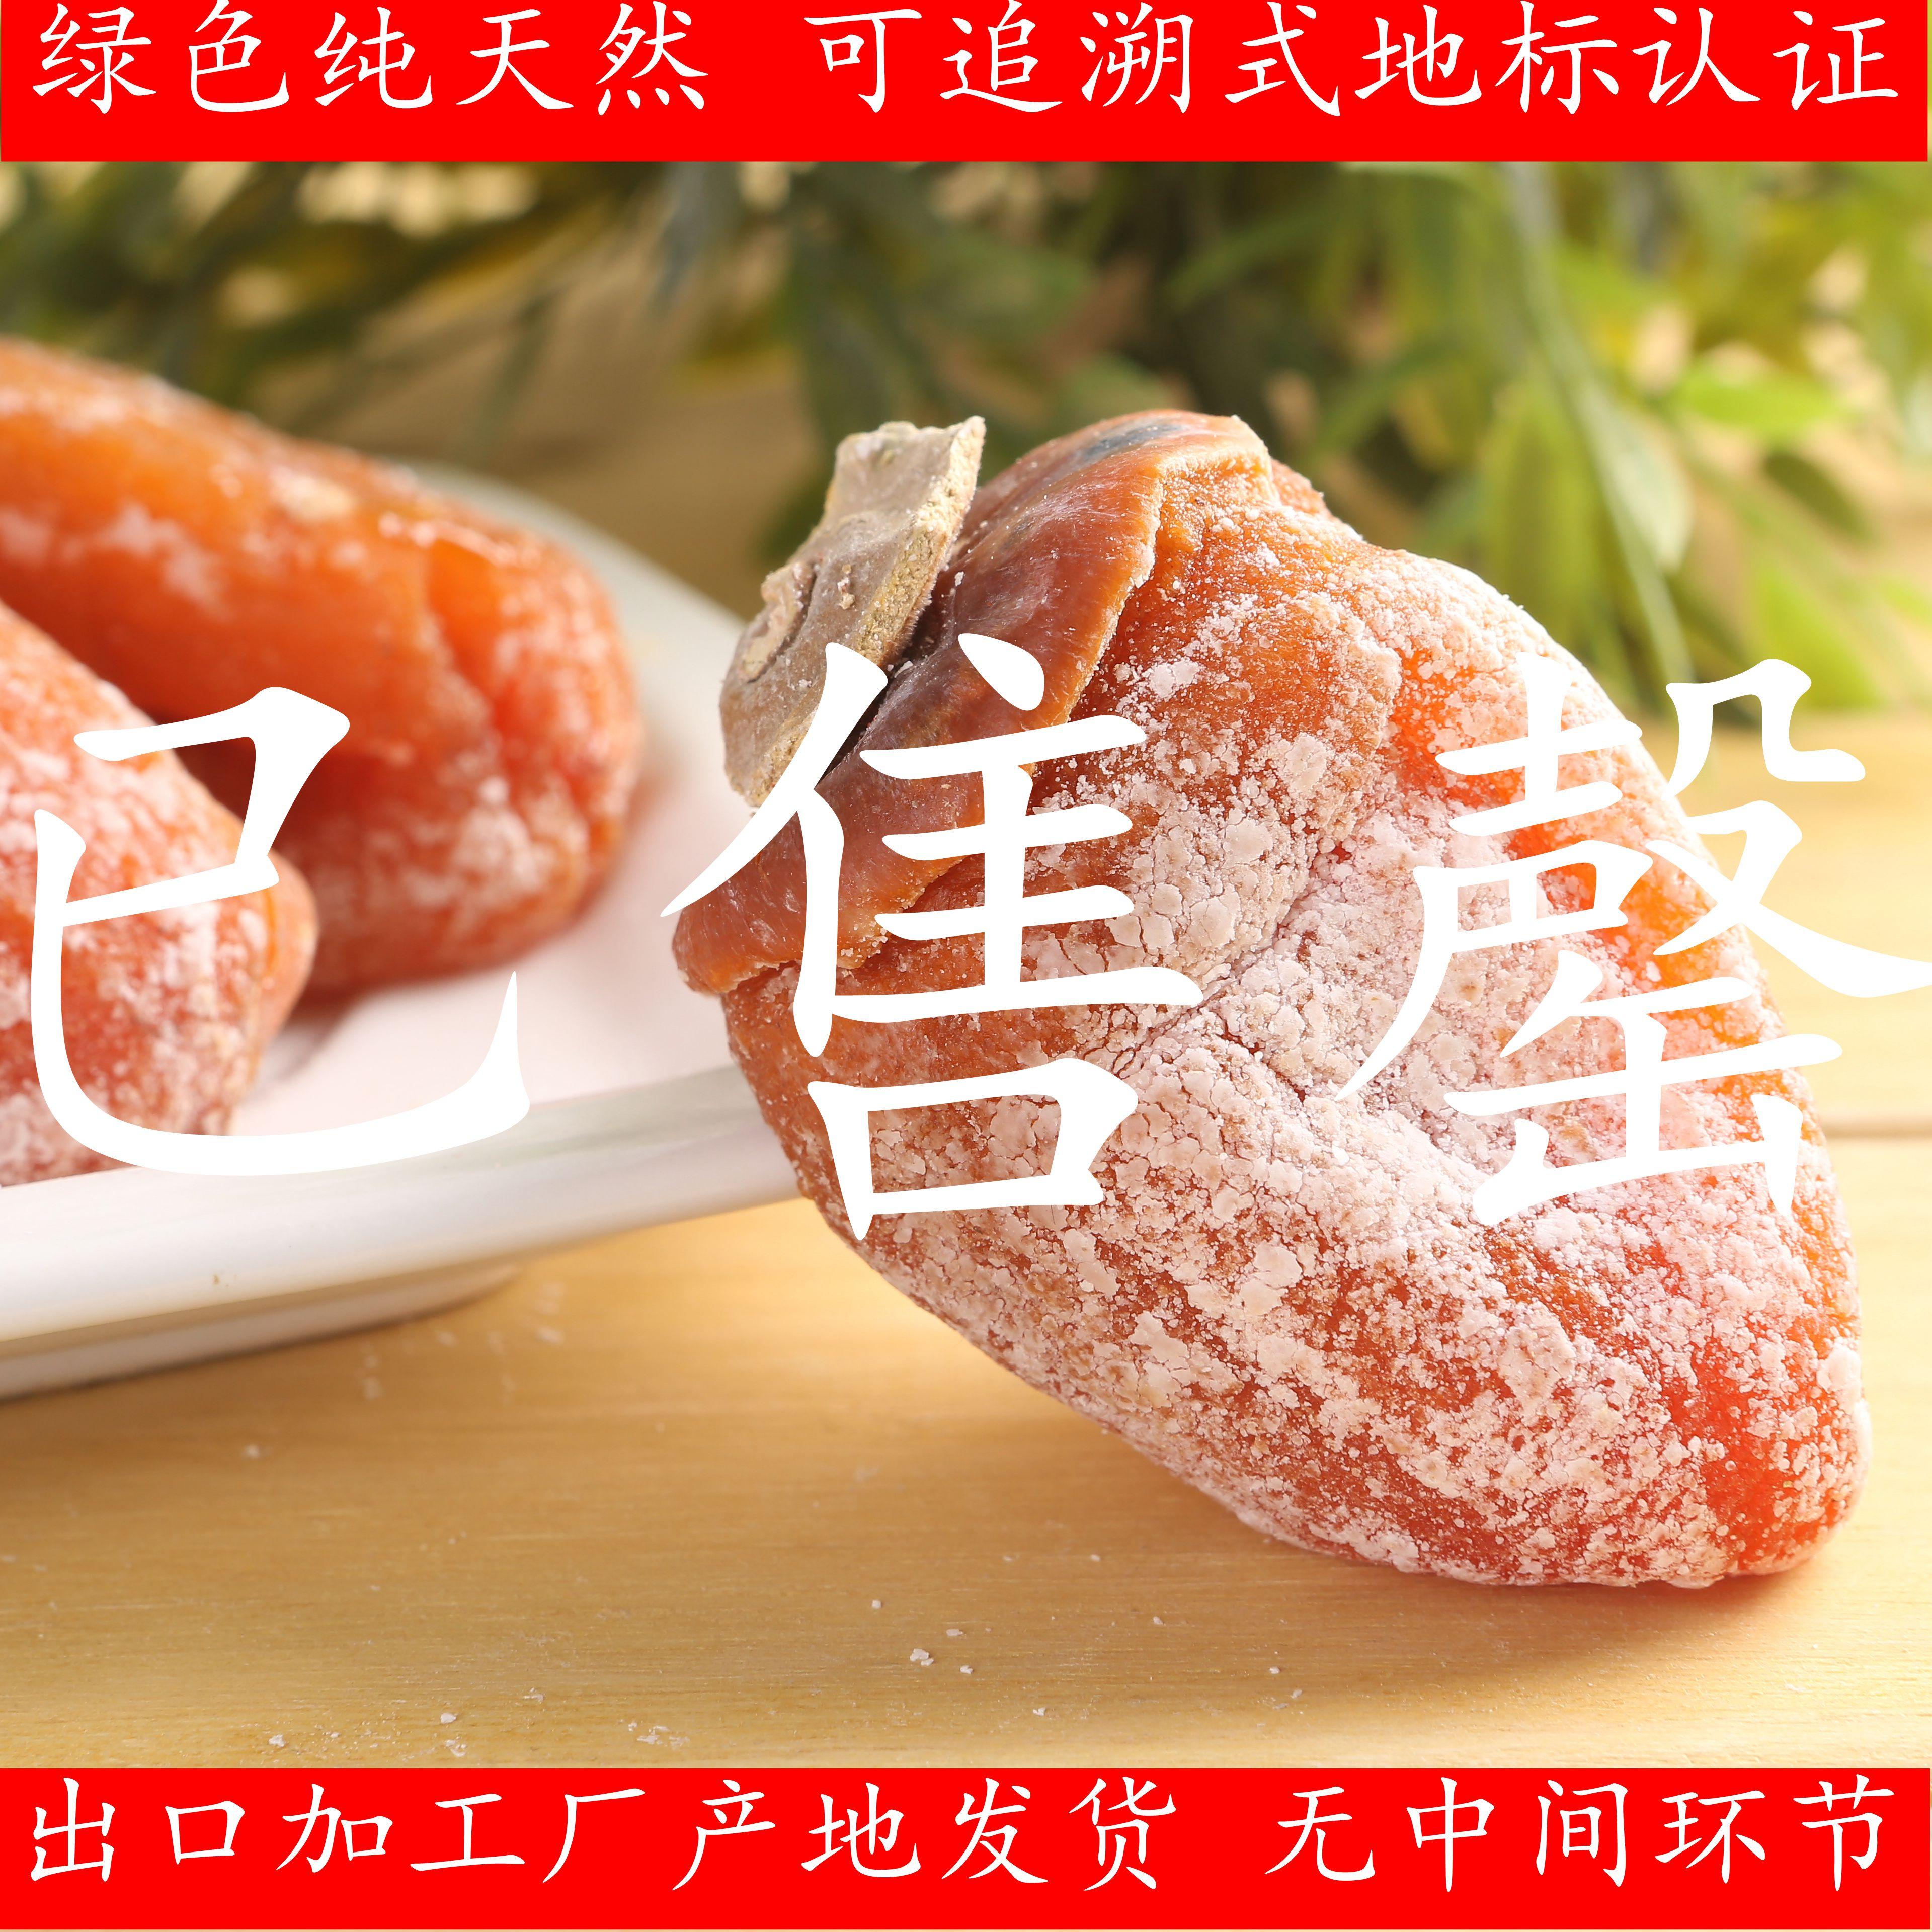 斤包邮6马家坡吊柿饼珍品装特级美食陕西富平产地正宗出口韩国